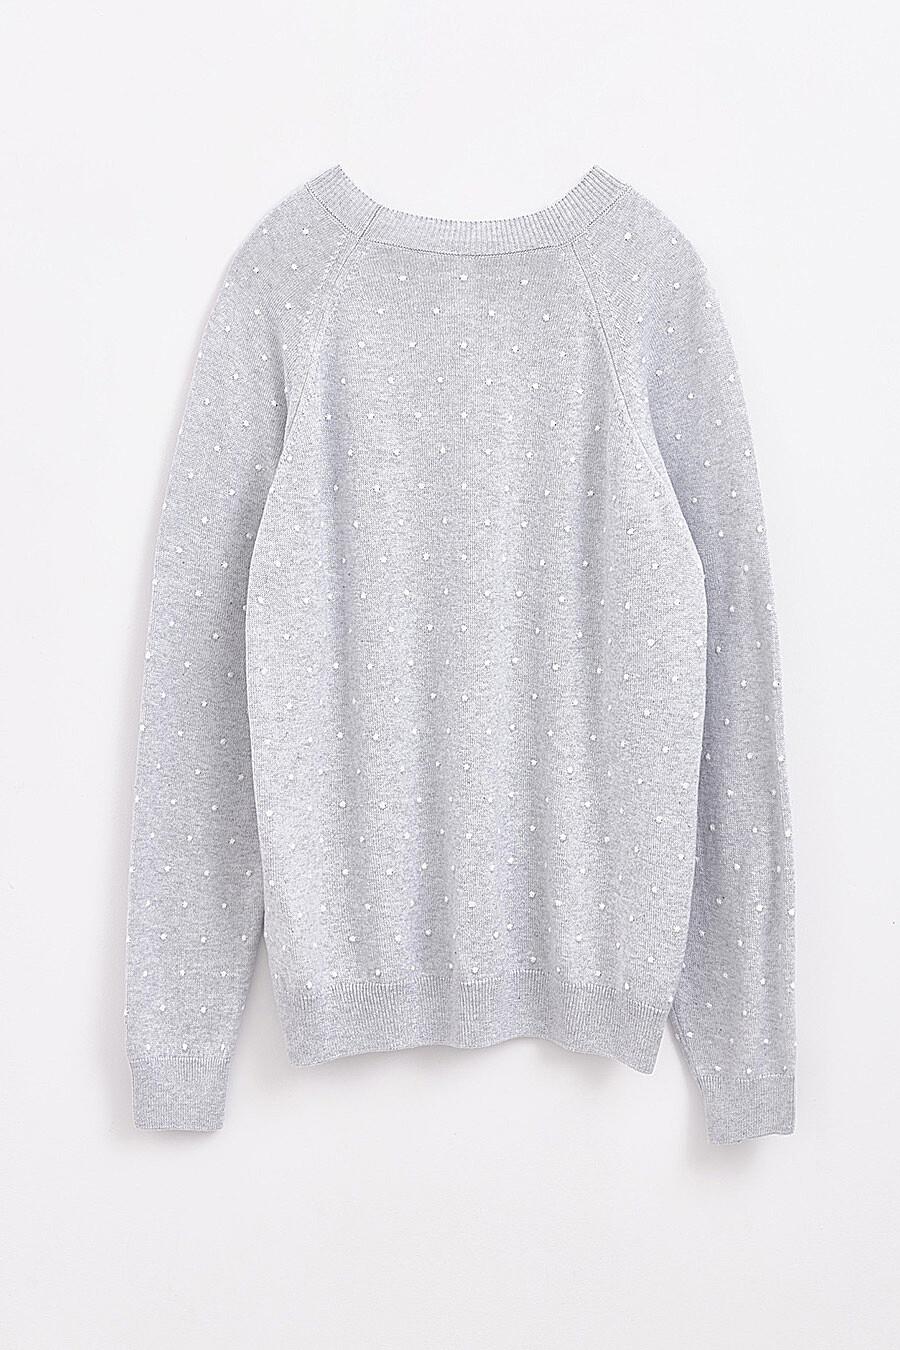 Джемпер CONTE ELEGANT (700205), купить в Moyo.moda